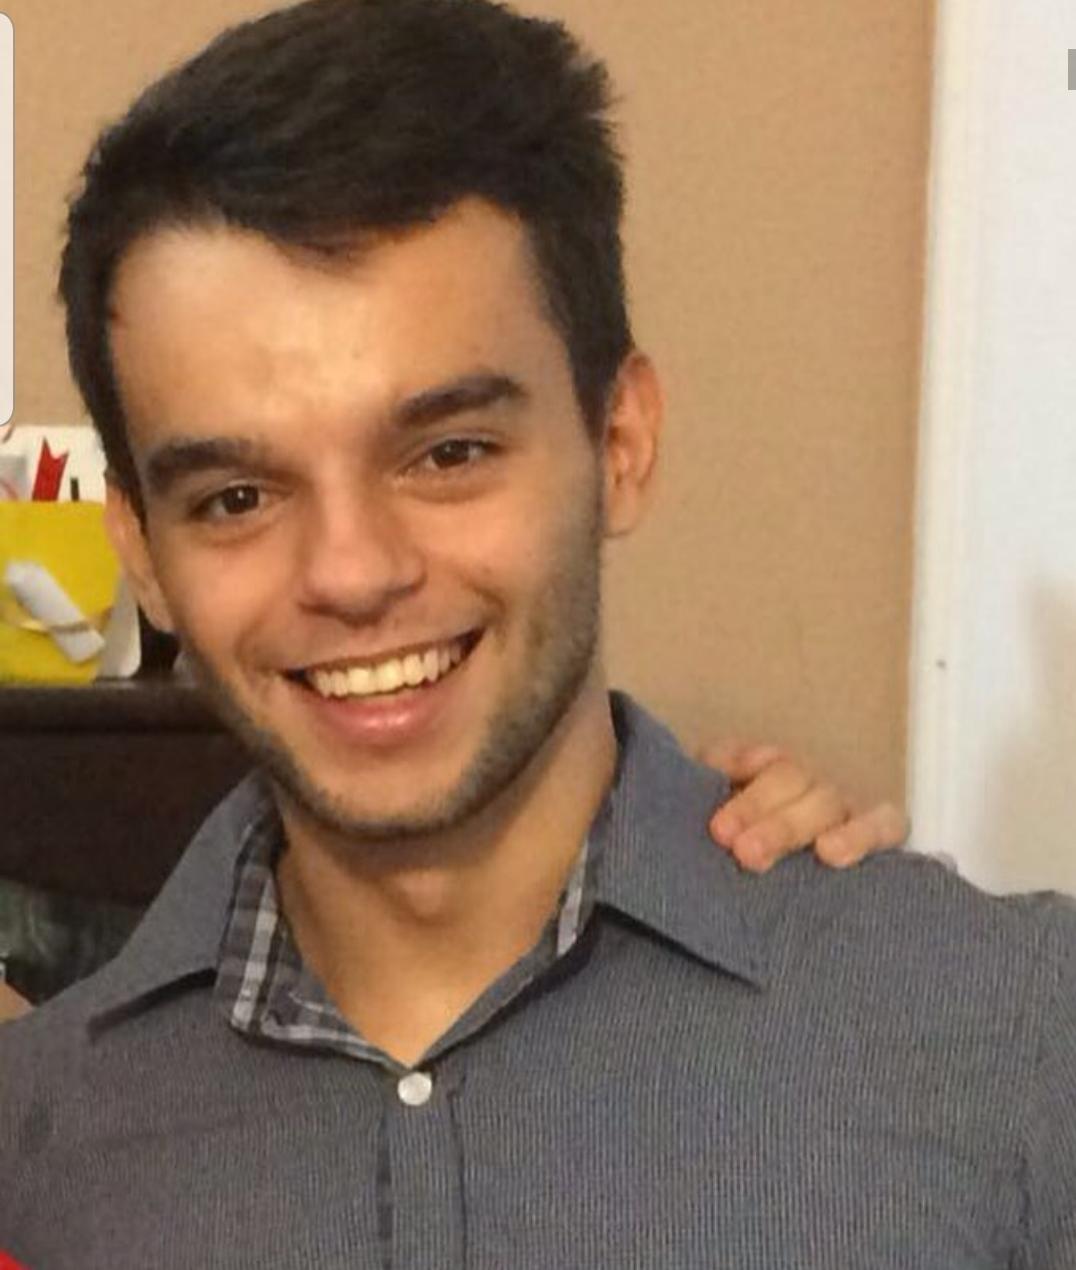 ENTREVISTA: Douglas França - Aprovado no concurso da PM-SP em 1º lugar no cargo de Soldado